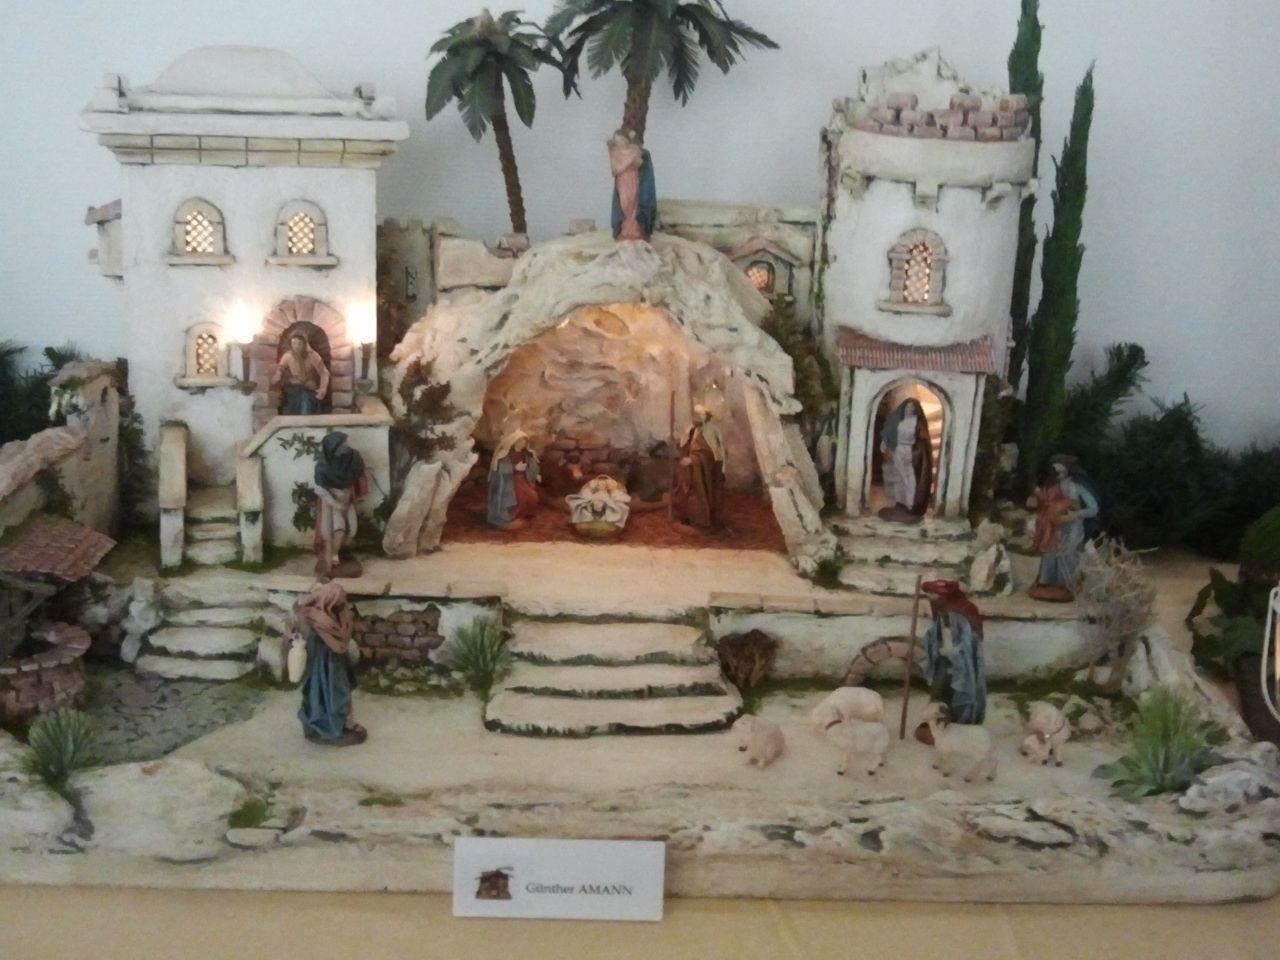 Wunderschöne Exponate schmückten die Räumlichkeiten des Salvatorkollegs